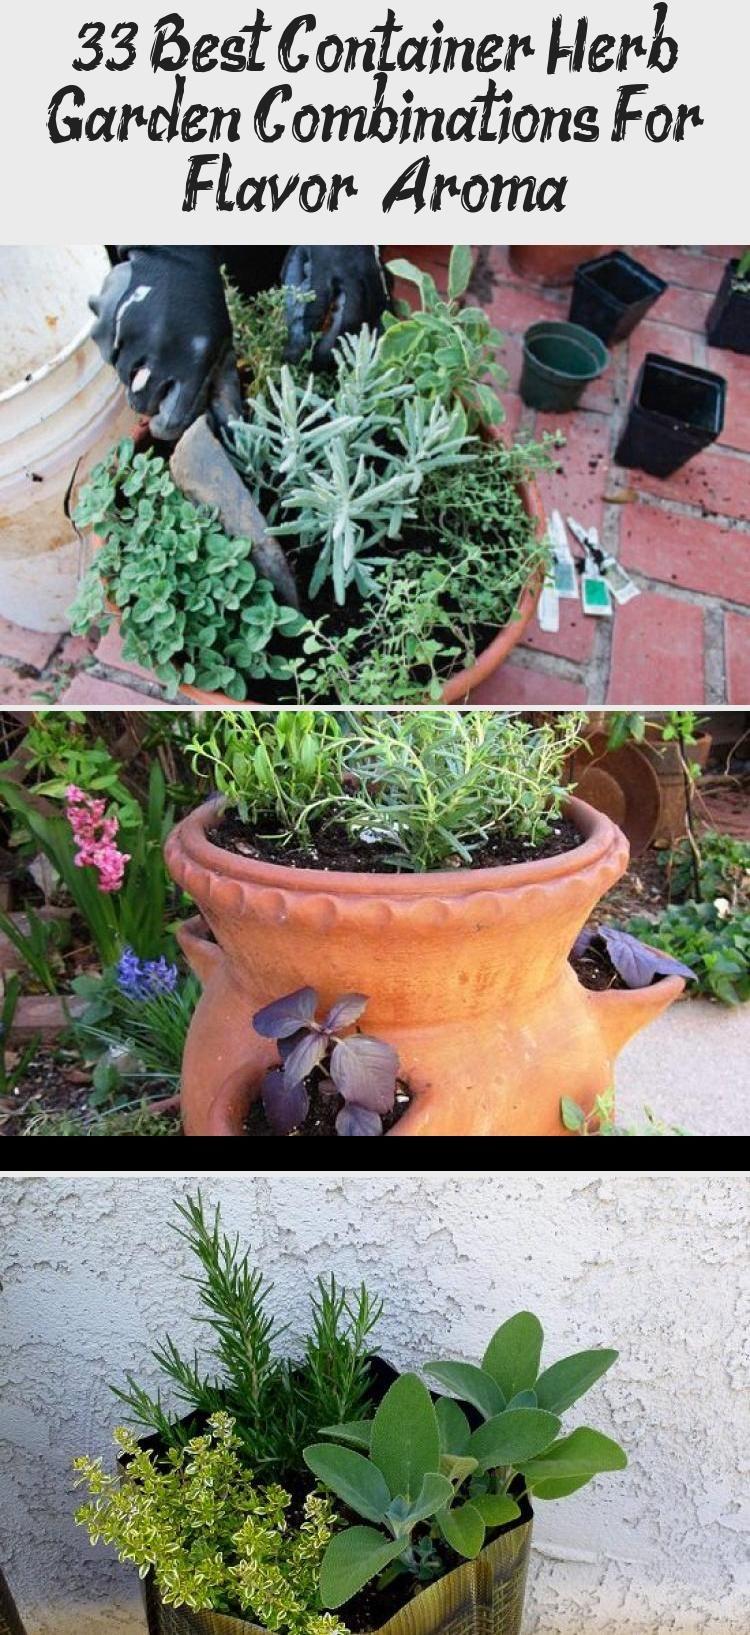 33 Best Container Herb Garden Combinations For Flavor Aroma Container Herb Garden Herbal Tea Garden Herb Garden Pots